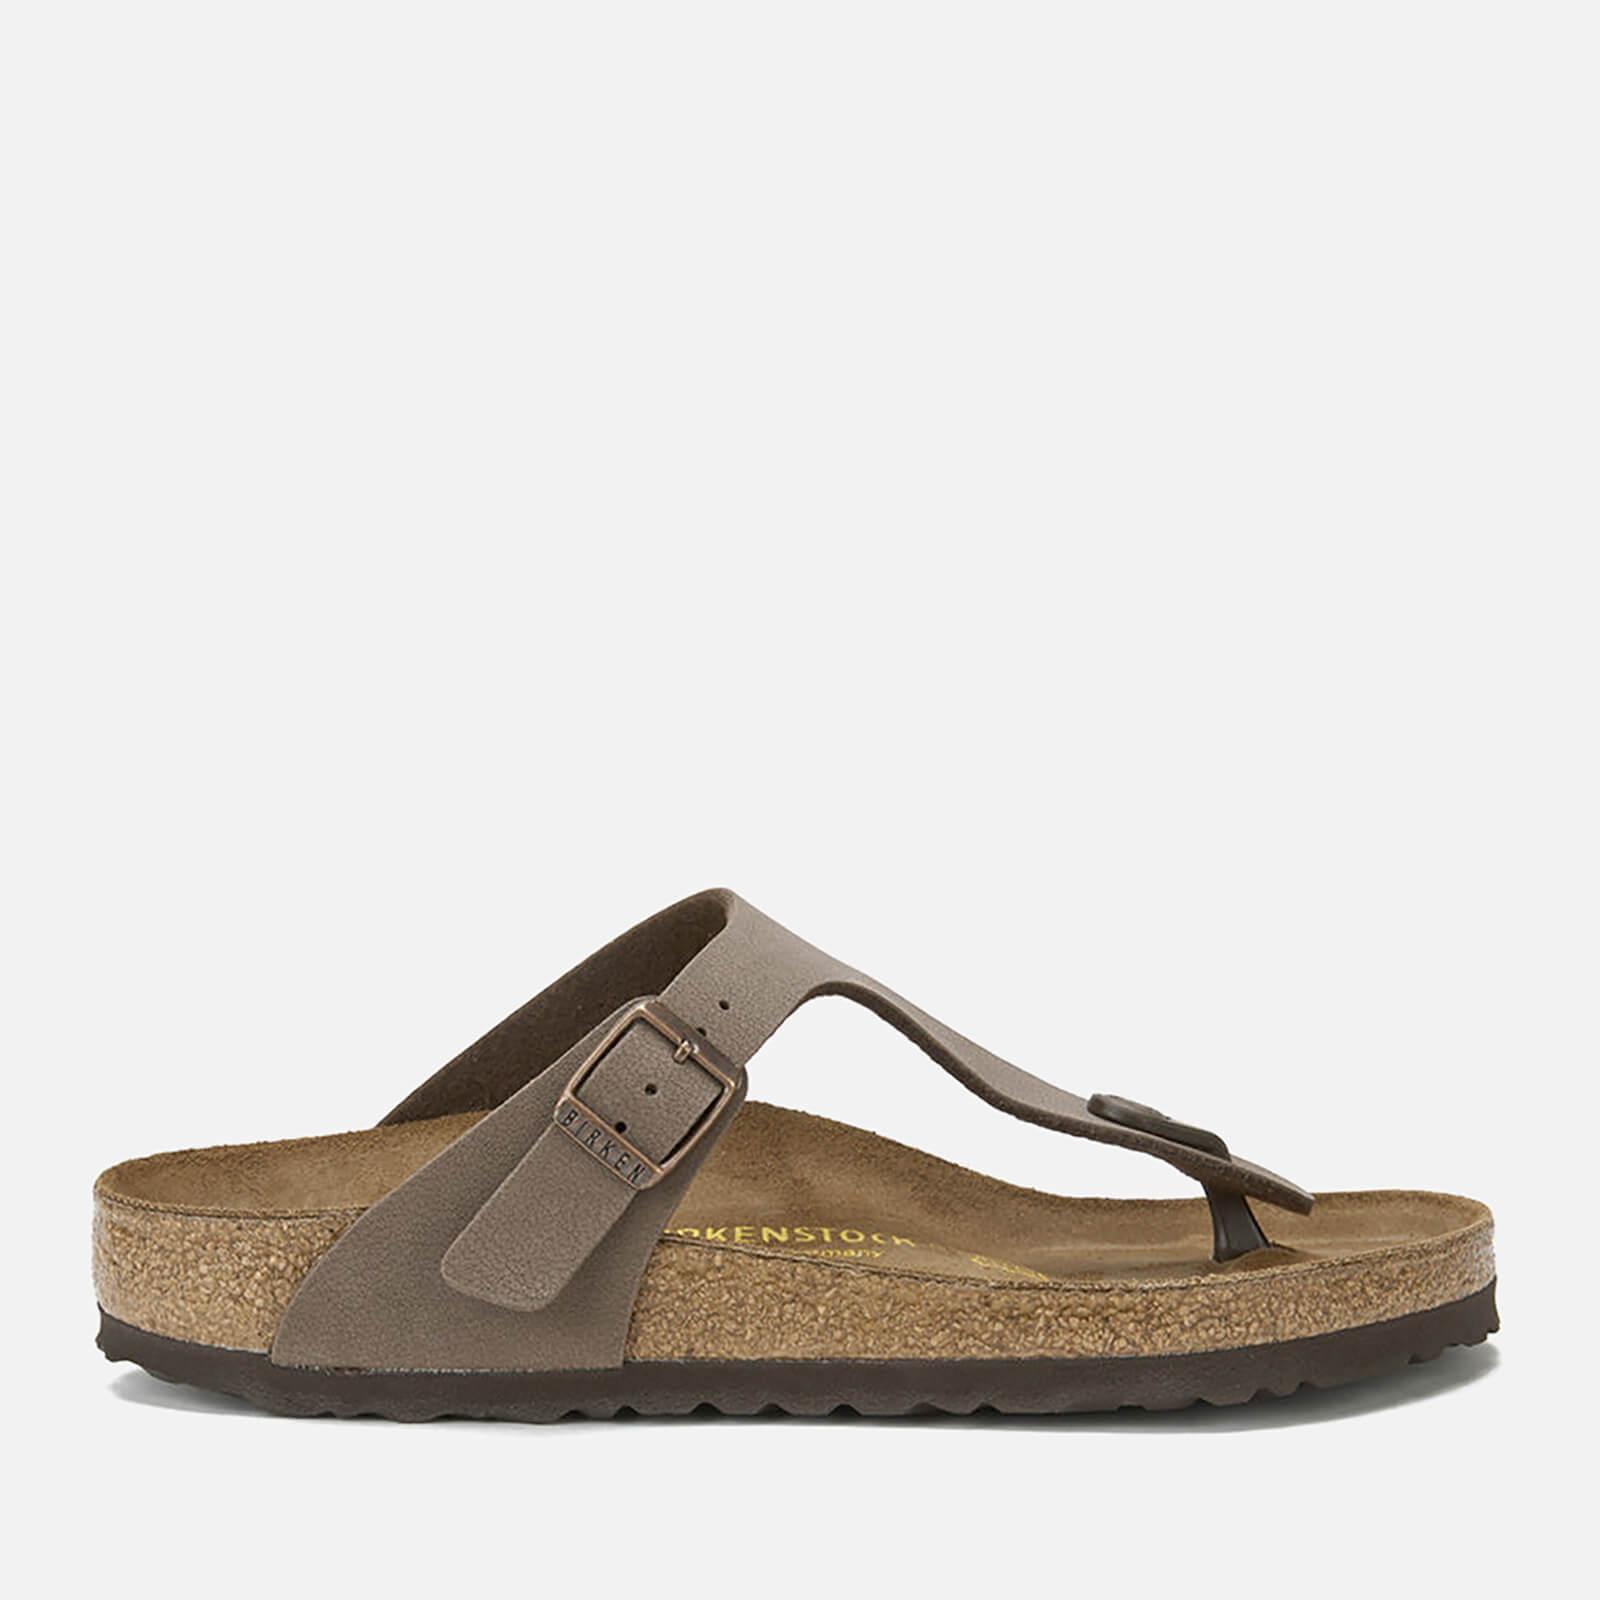 Birkenstock Women's Gizeh Toe-Post Leather Sandals - Mocha - EU 40/UK 7